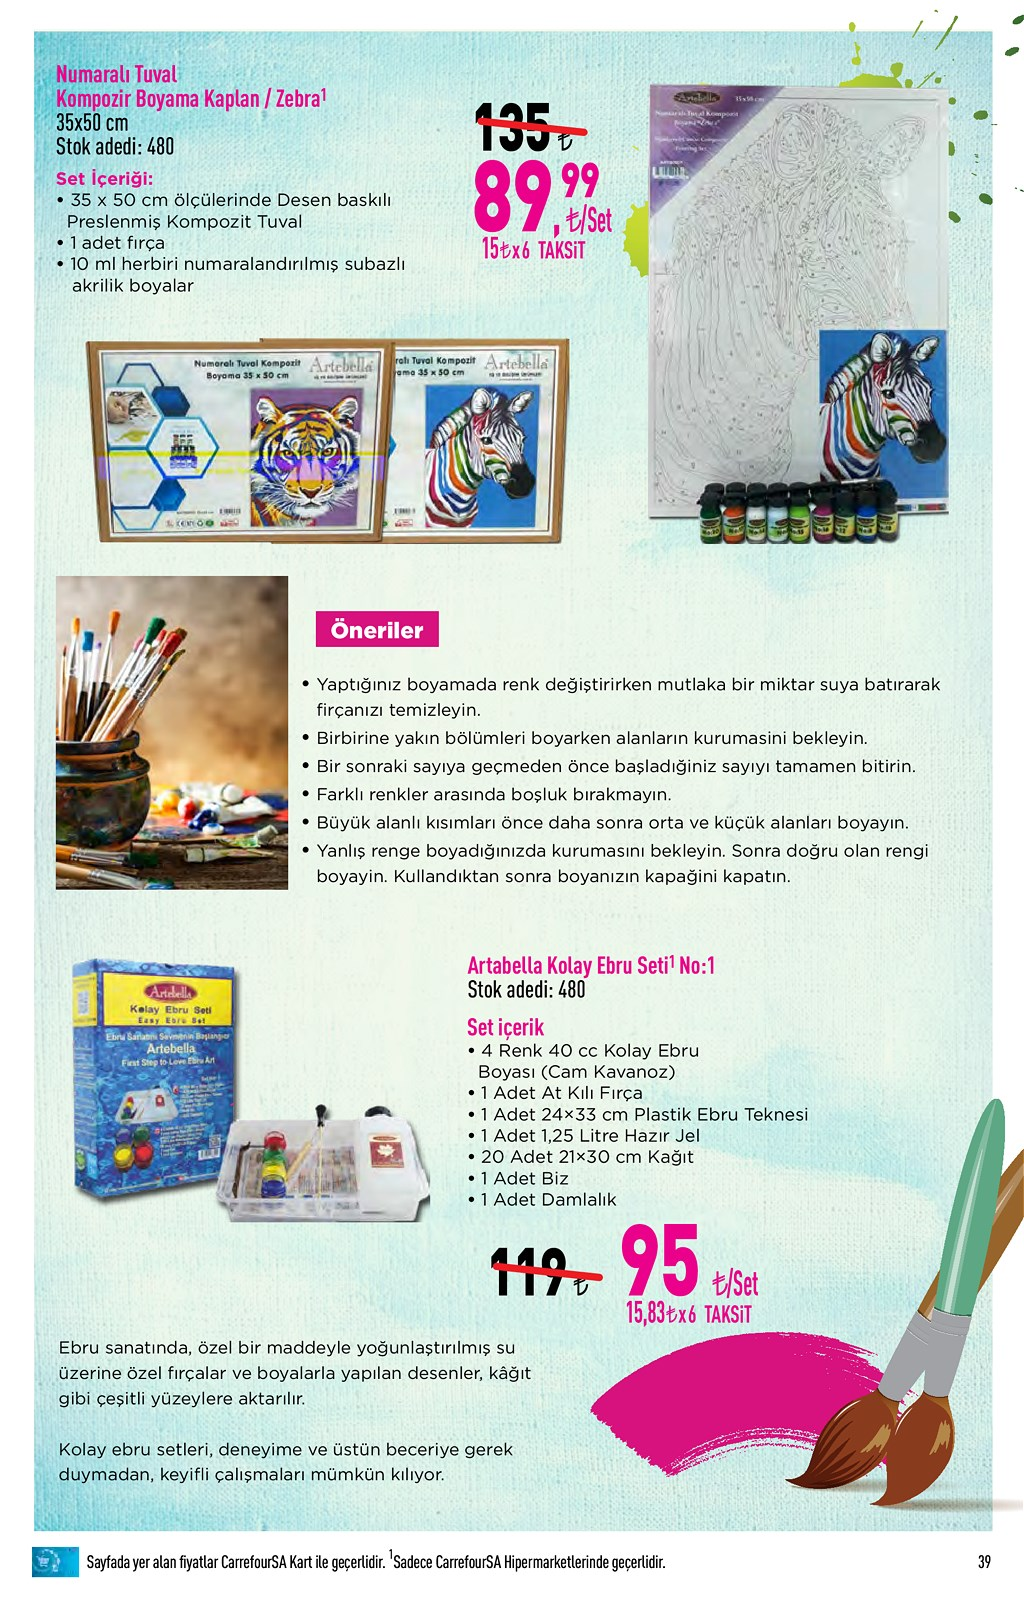 01.06.2021 CarrefourSA broşürü 39. sayfa